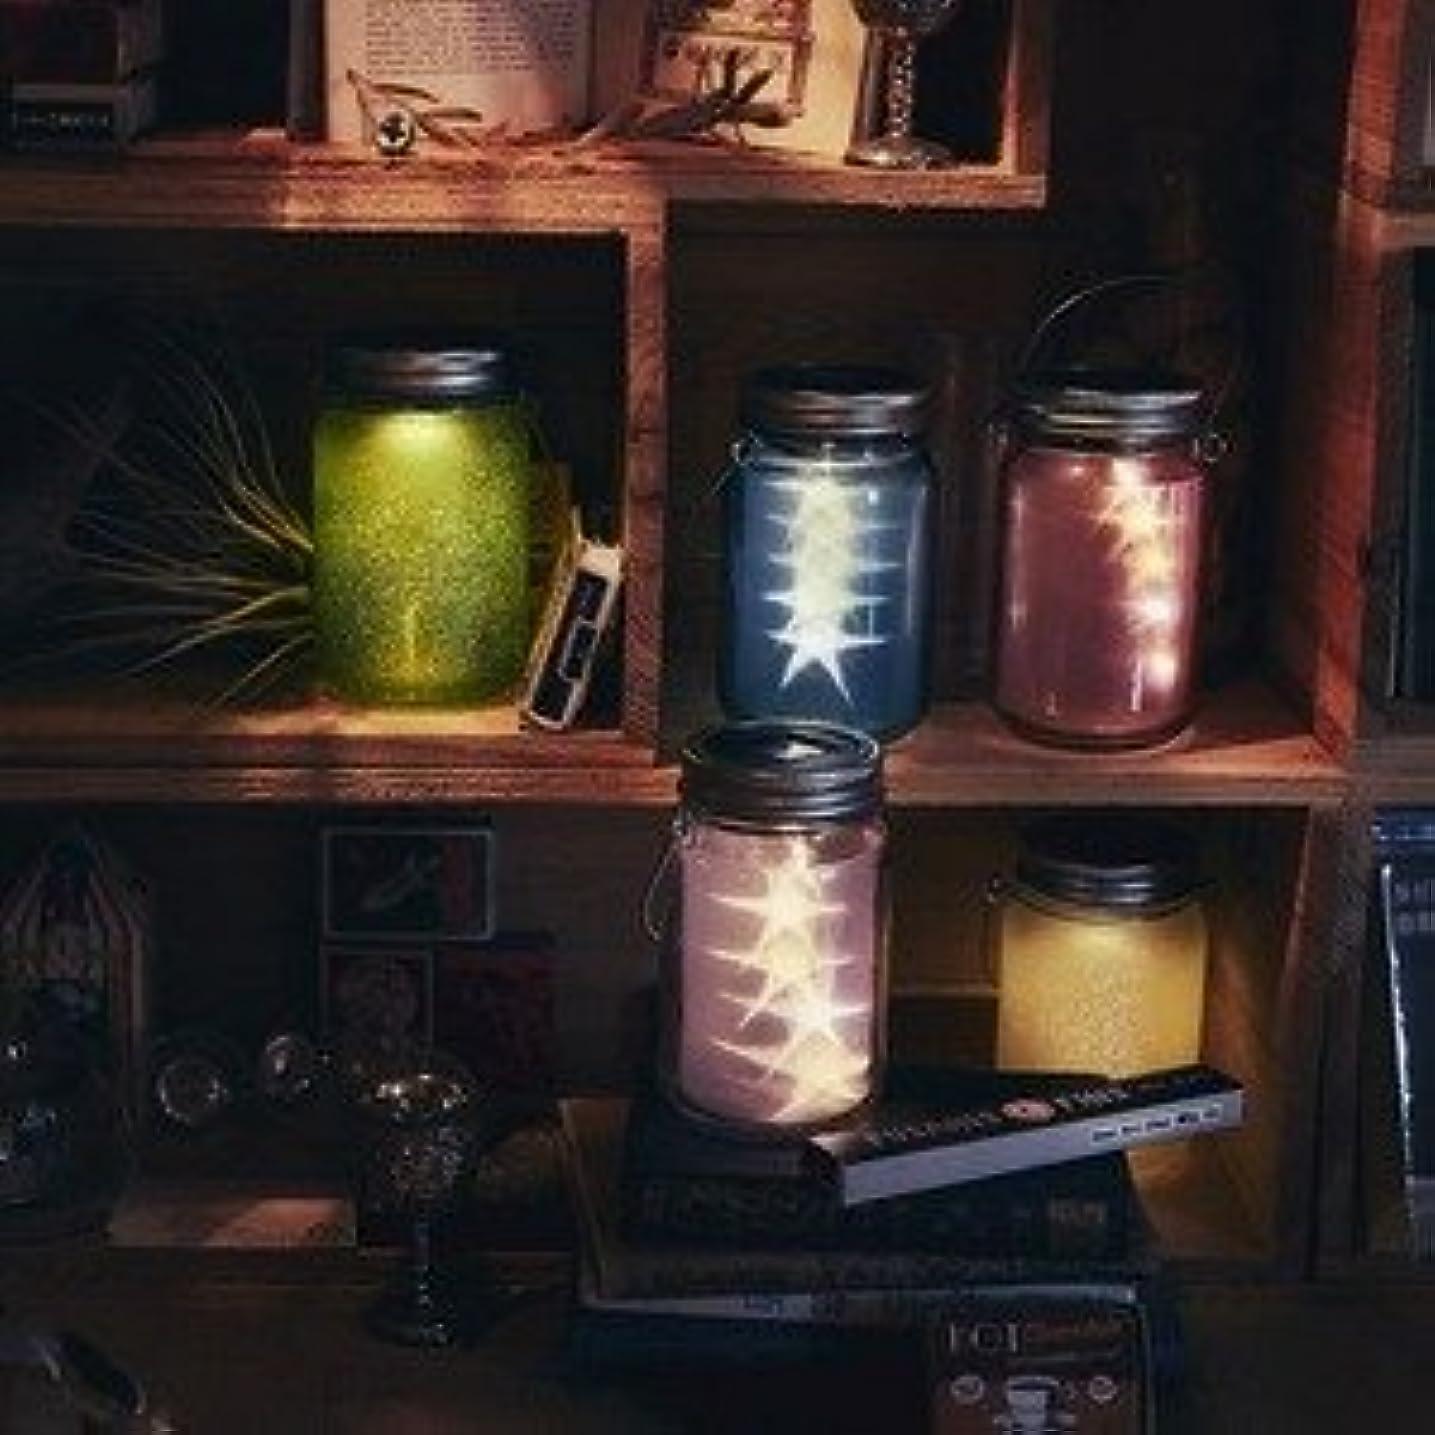 エキゾチック書くお手伝いさん充電式ソーラーライト/ガラスジャー型照明 【スター/ホワイト】 照度センサー内蔵 防雨仕様 『Glass Jar -star-』